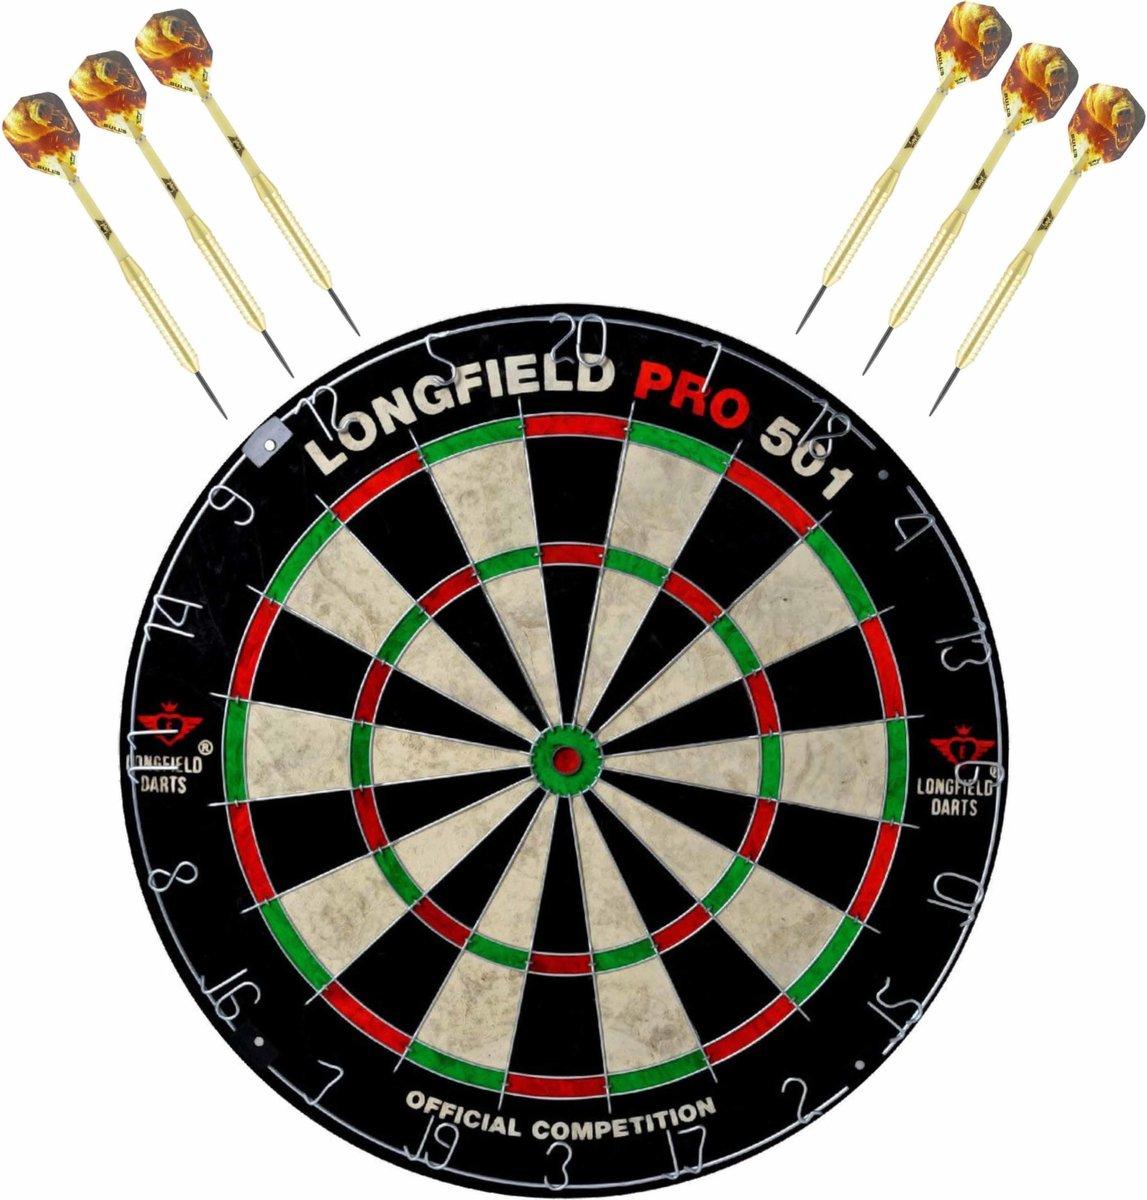 Dartbord set compleet van diameter 45.5 cm met 6x Bulls dartpijlen van 21 gram - Professioneel darten pakket